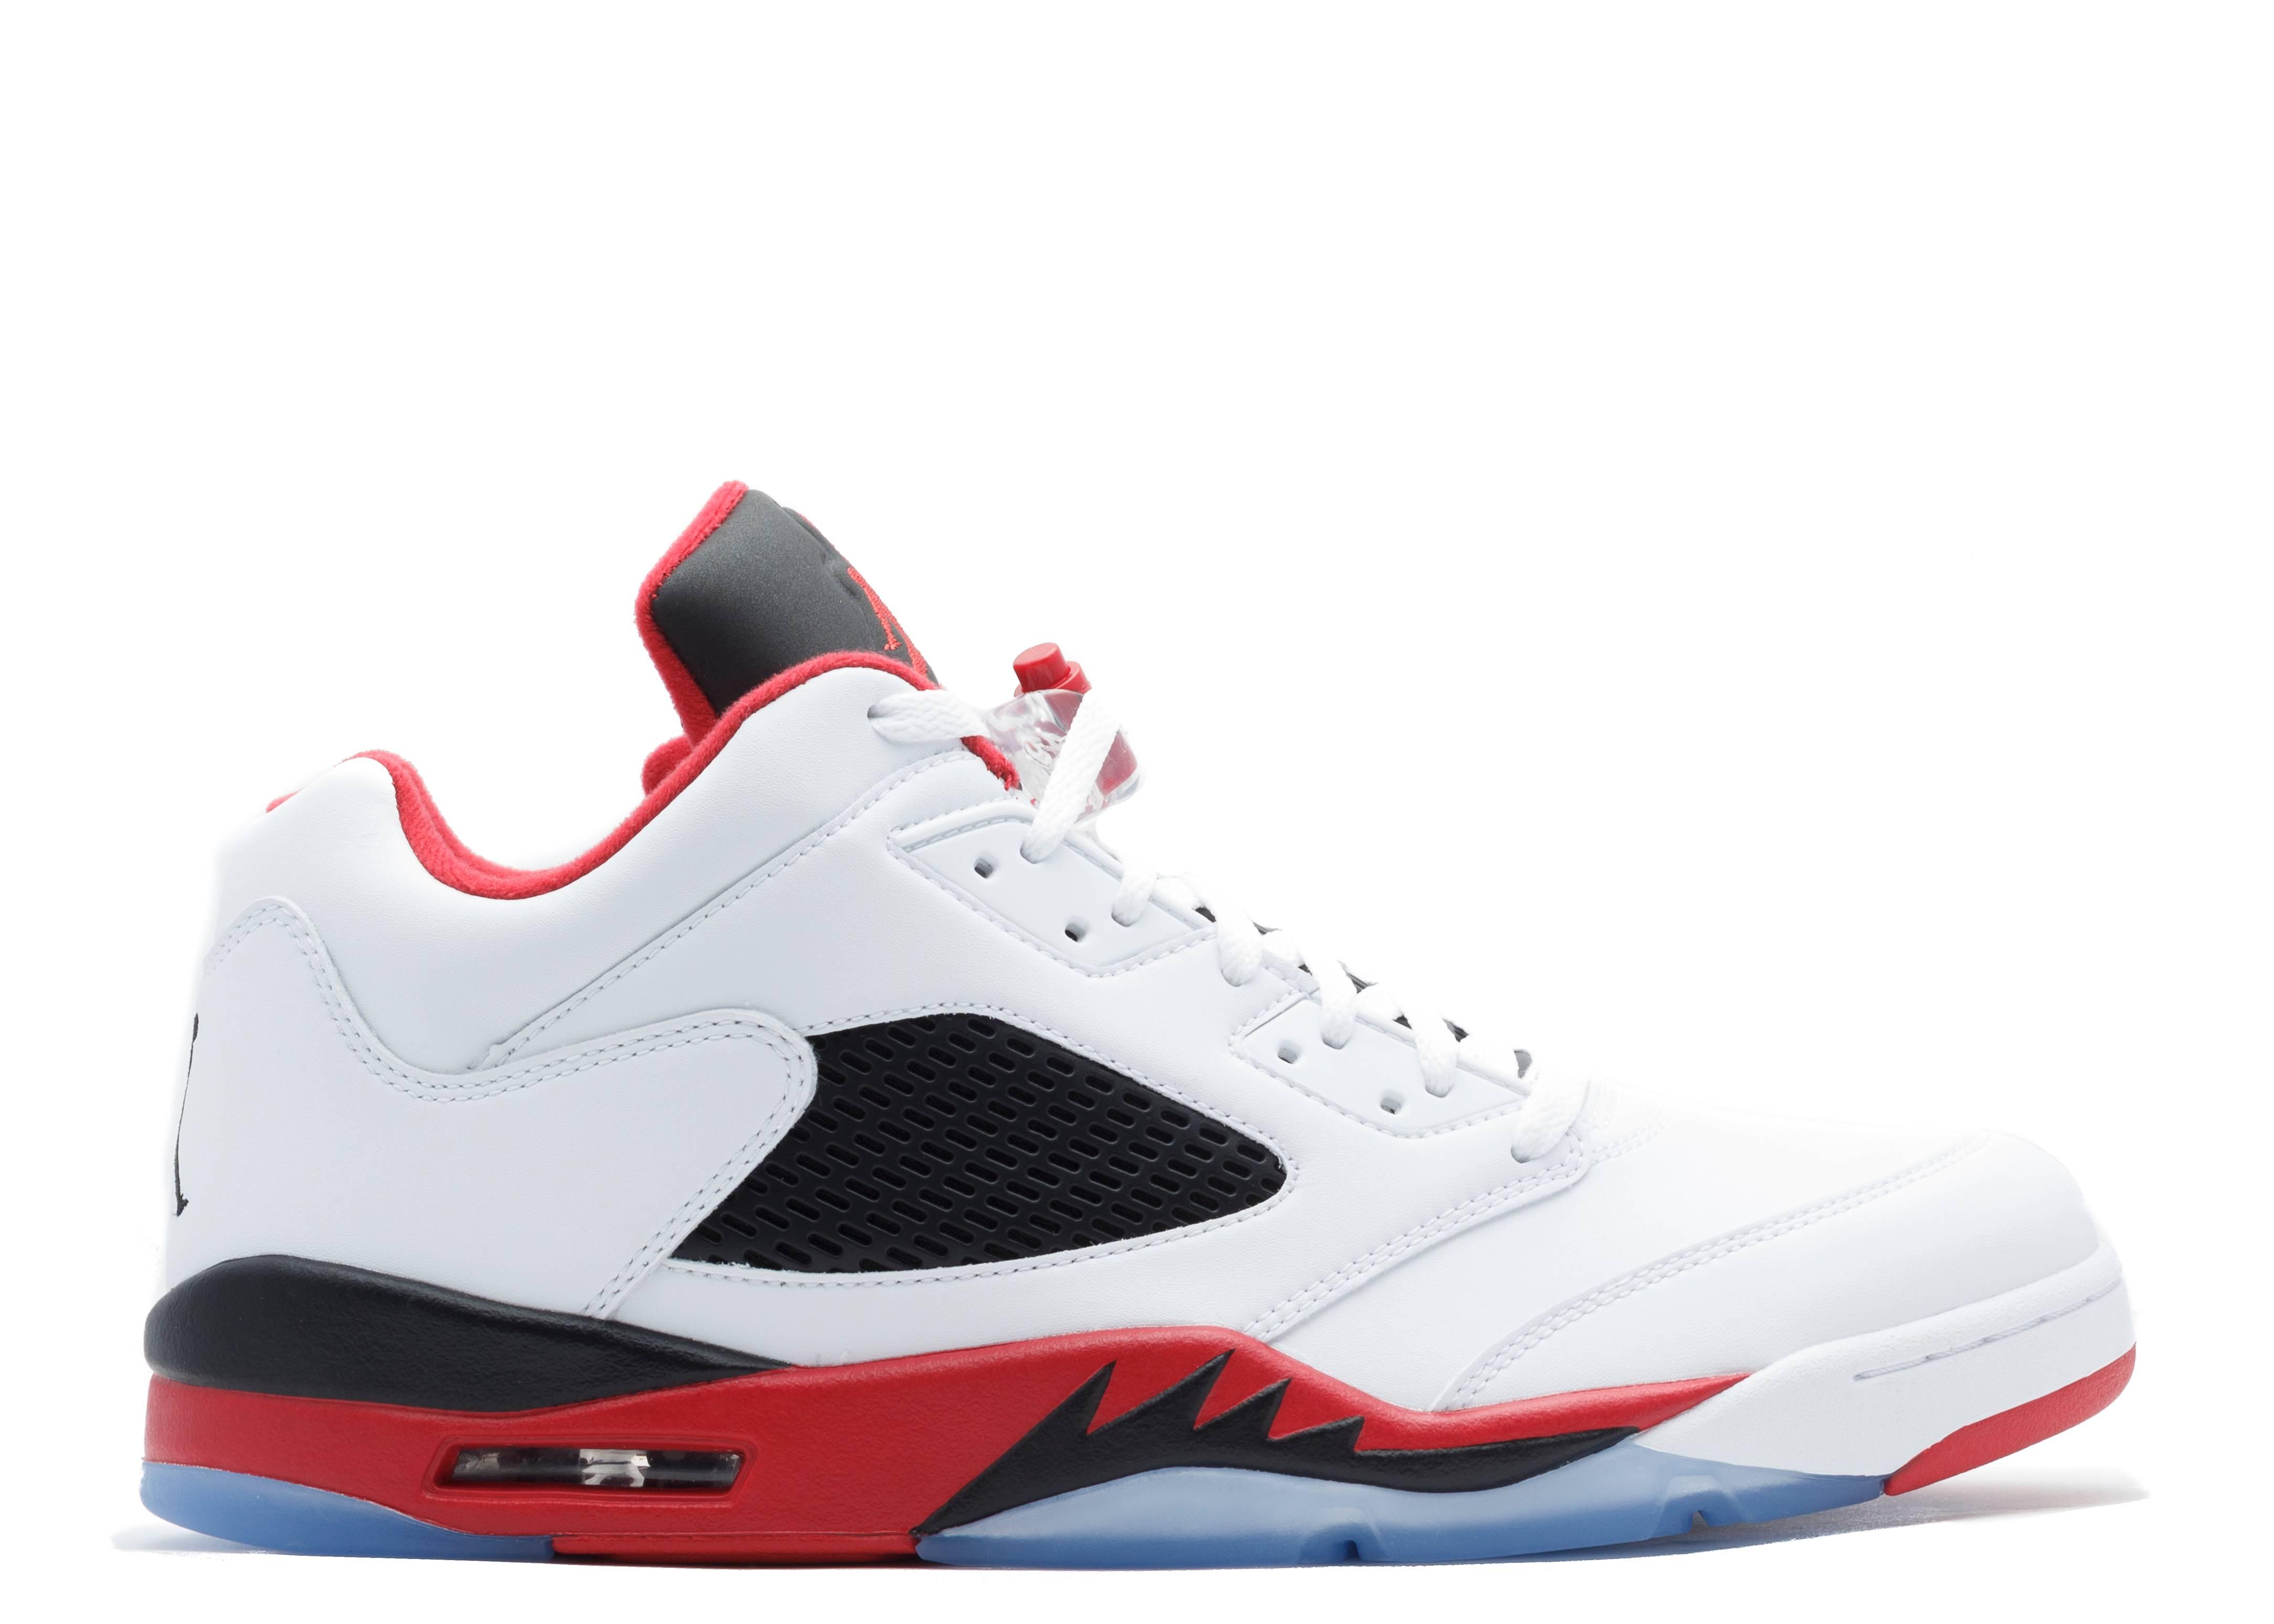 Jordan 5 Low Fire Red